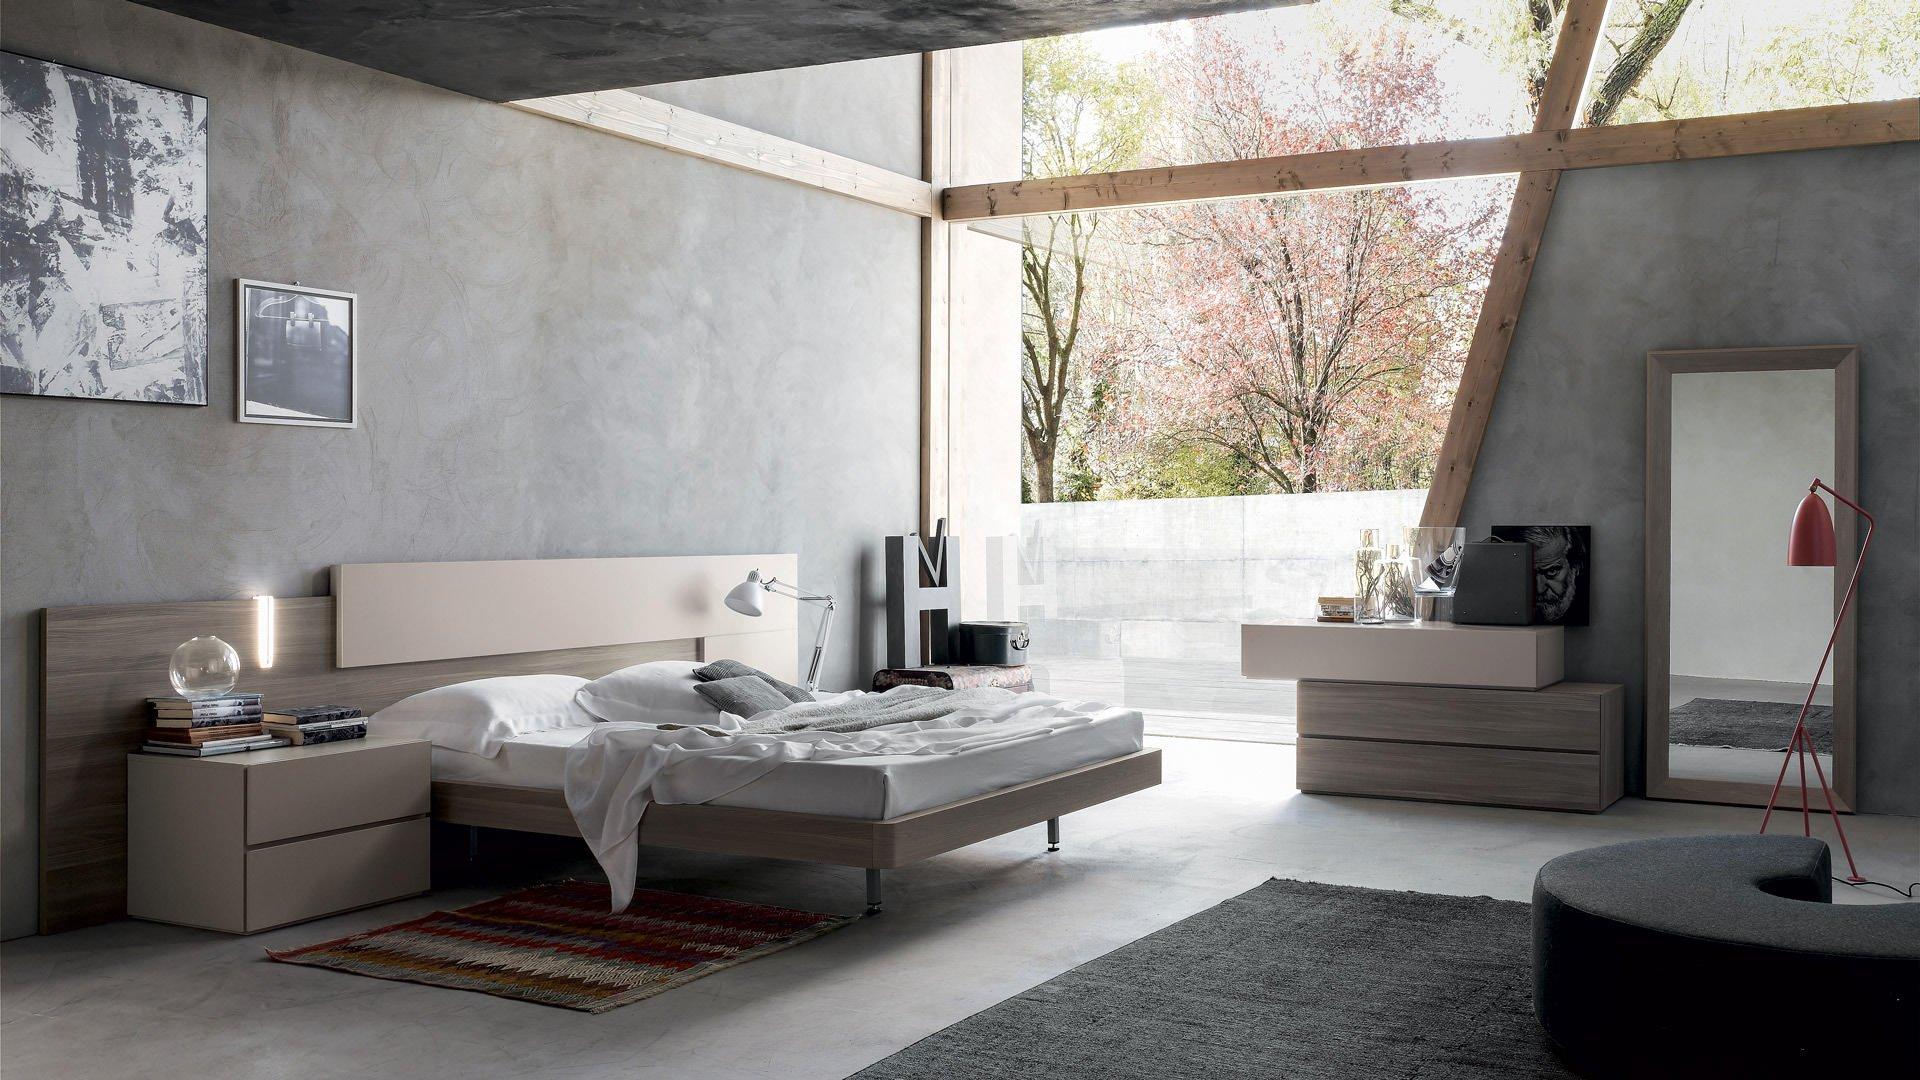 Camere da letto mobil coop arredamenti castrocaro terme for Pignoloni arredamenti